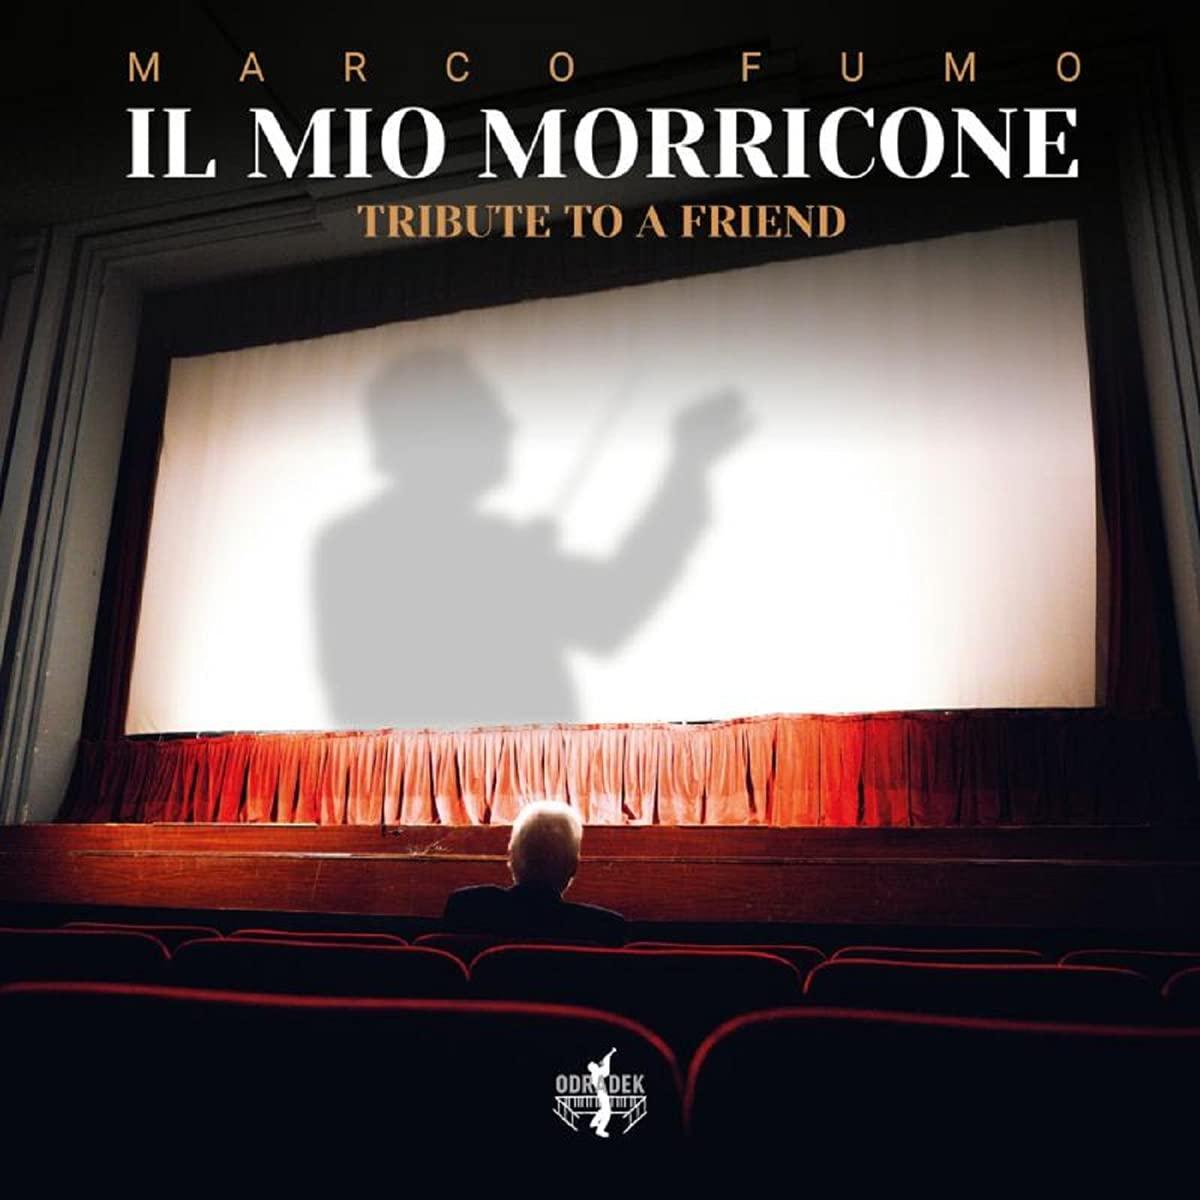 Il Mio Morricone - Marco Fumo